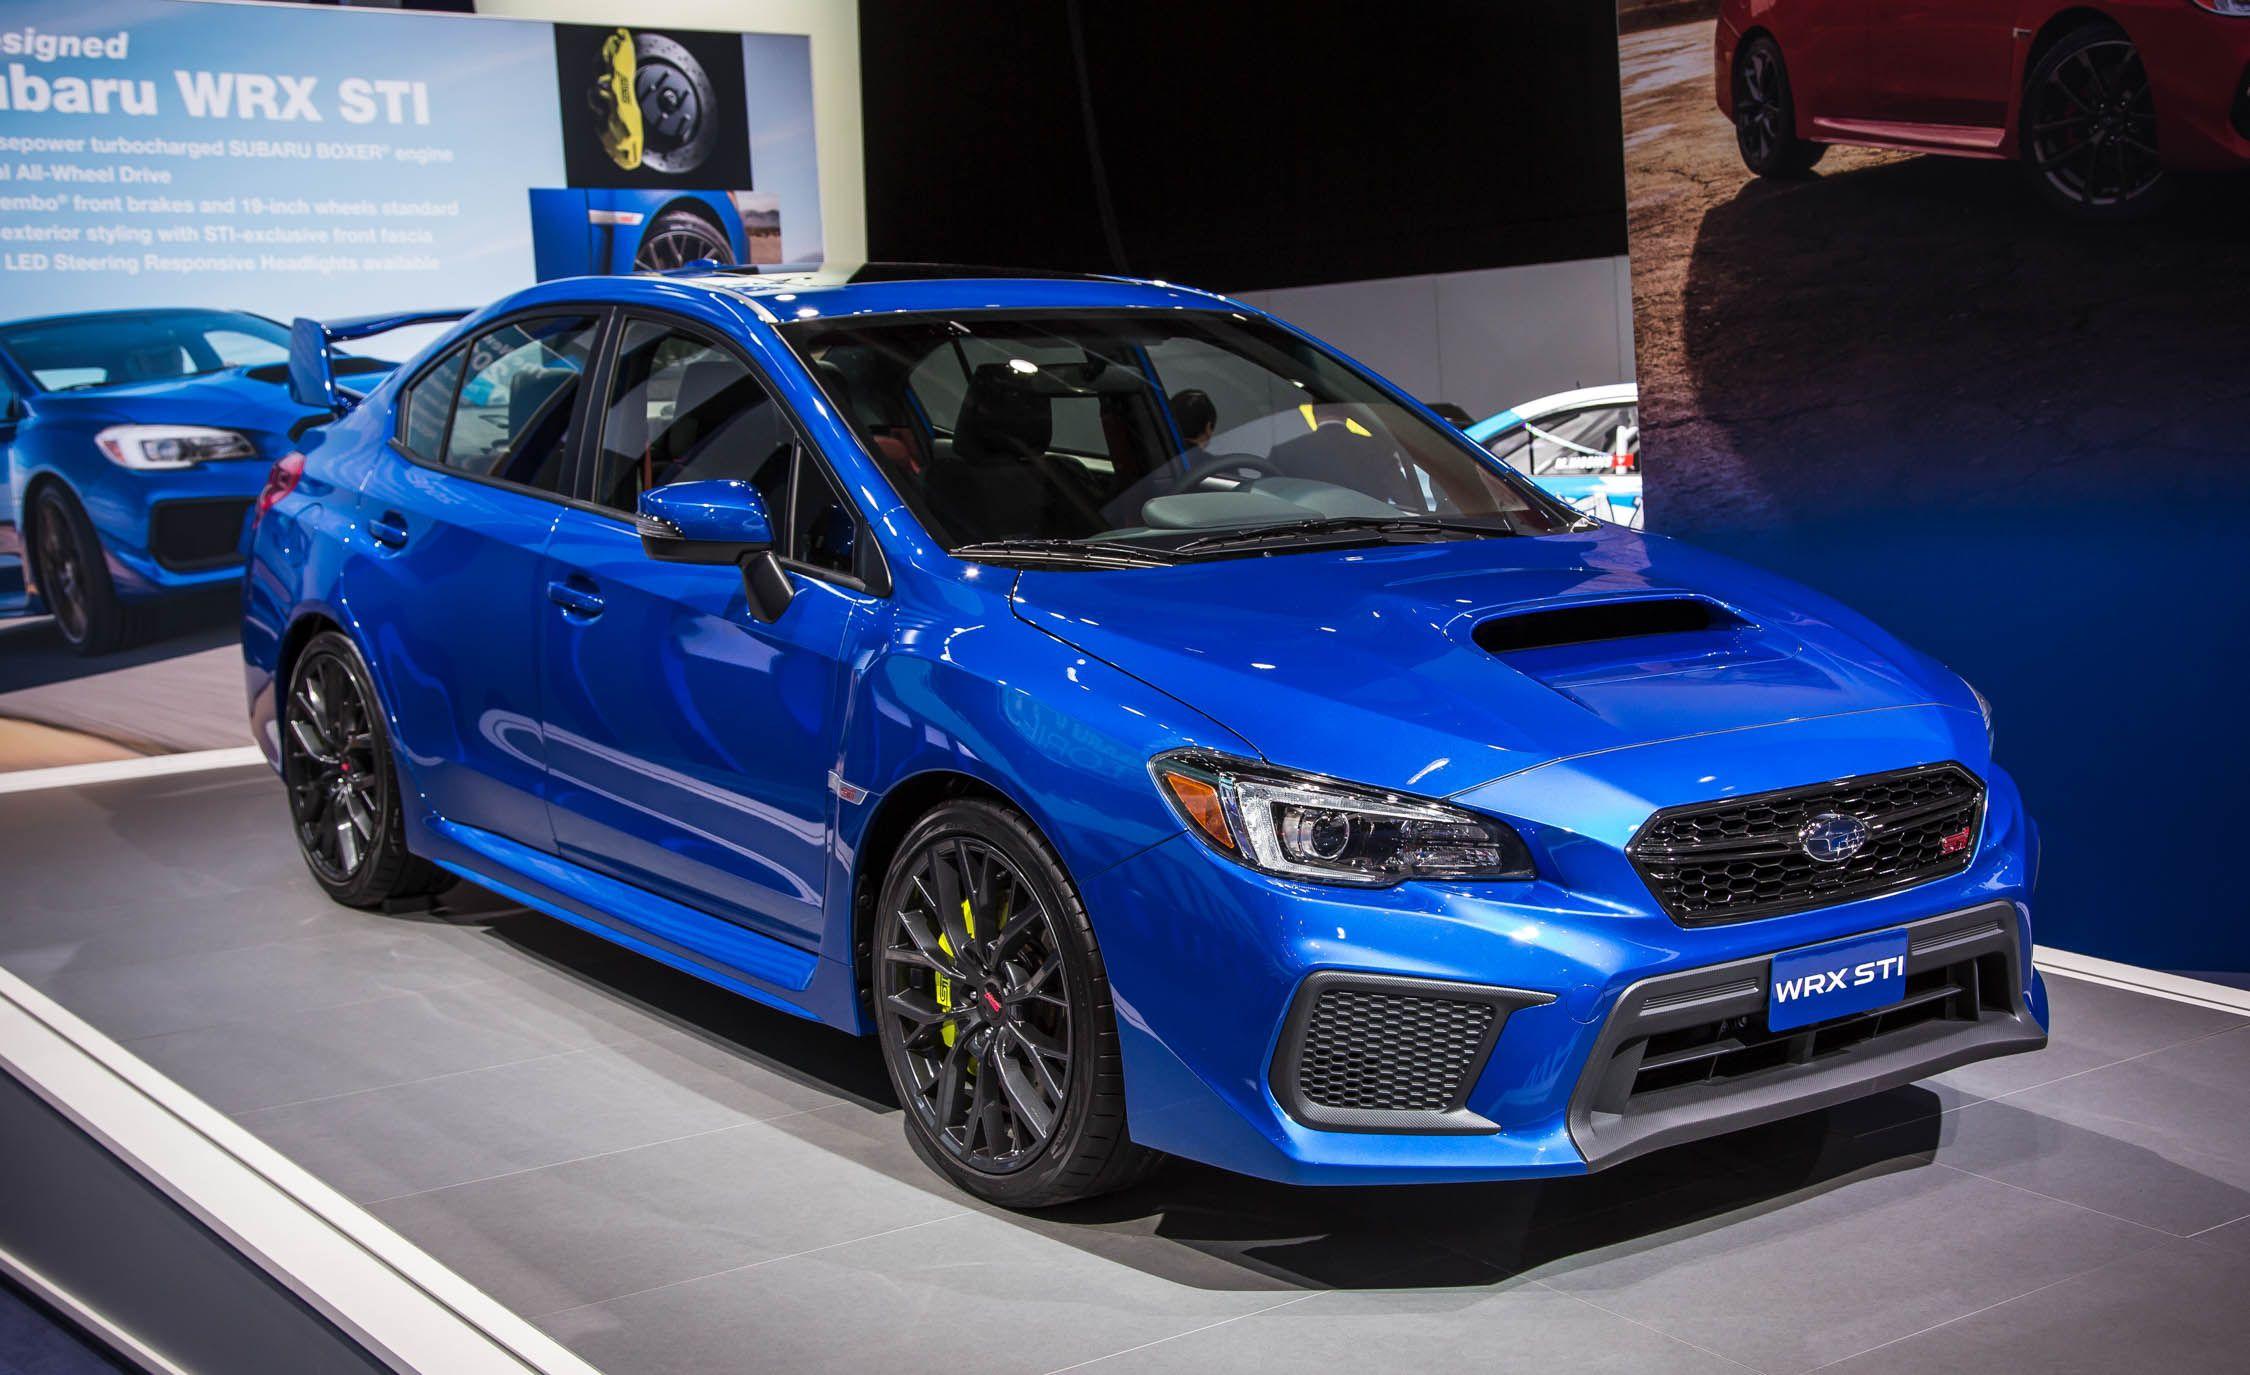 2019 Subaru Wrx Reviews Price Photos And Specs Car Driver